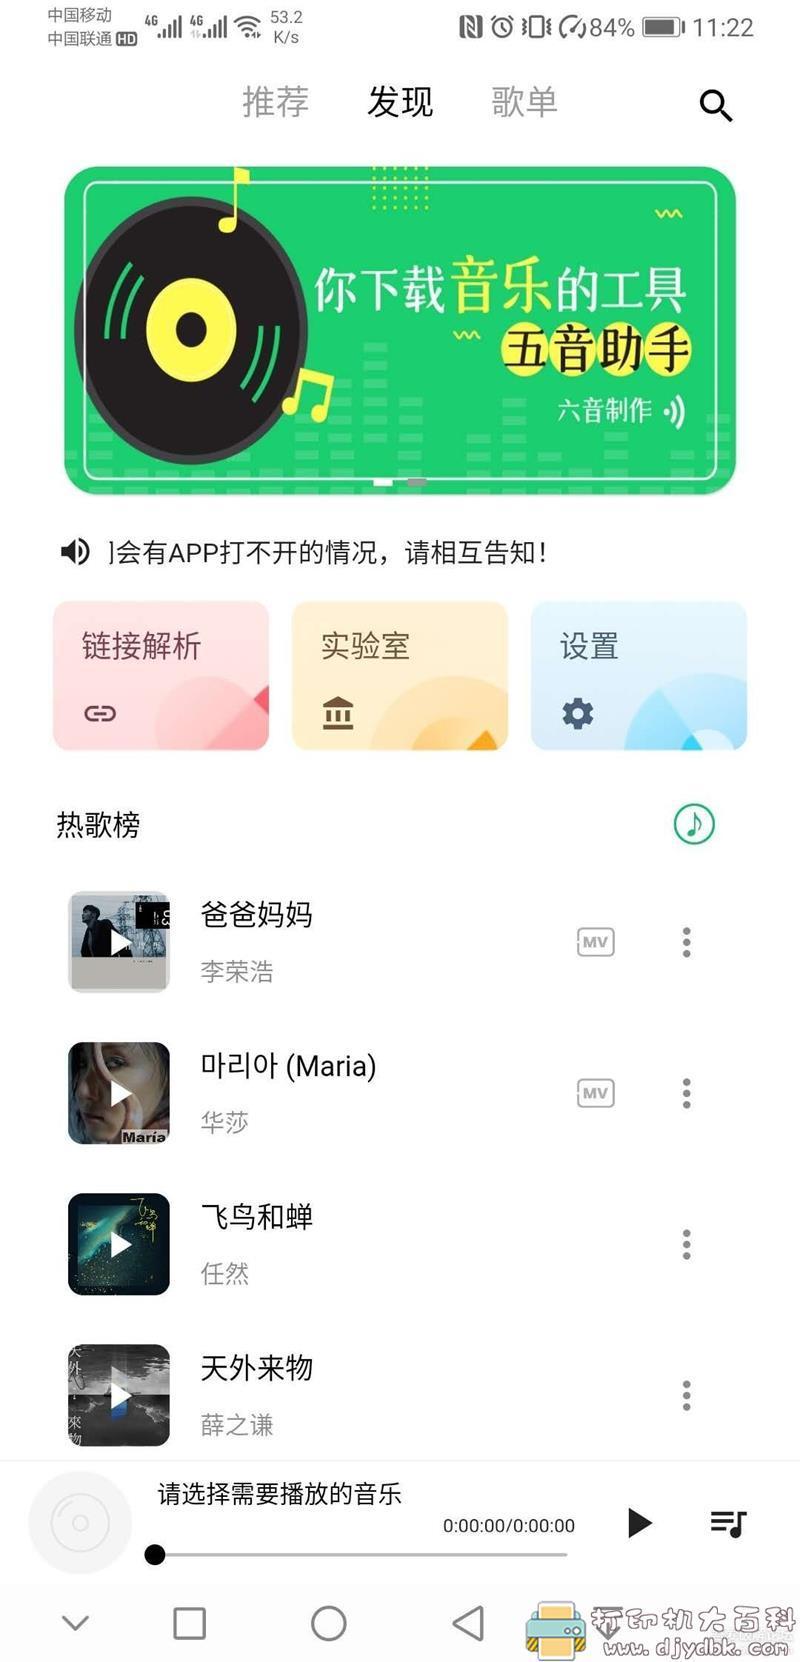 [Android]五音助手v2.3.6,免费下载全网无损音乐 配图 No.1